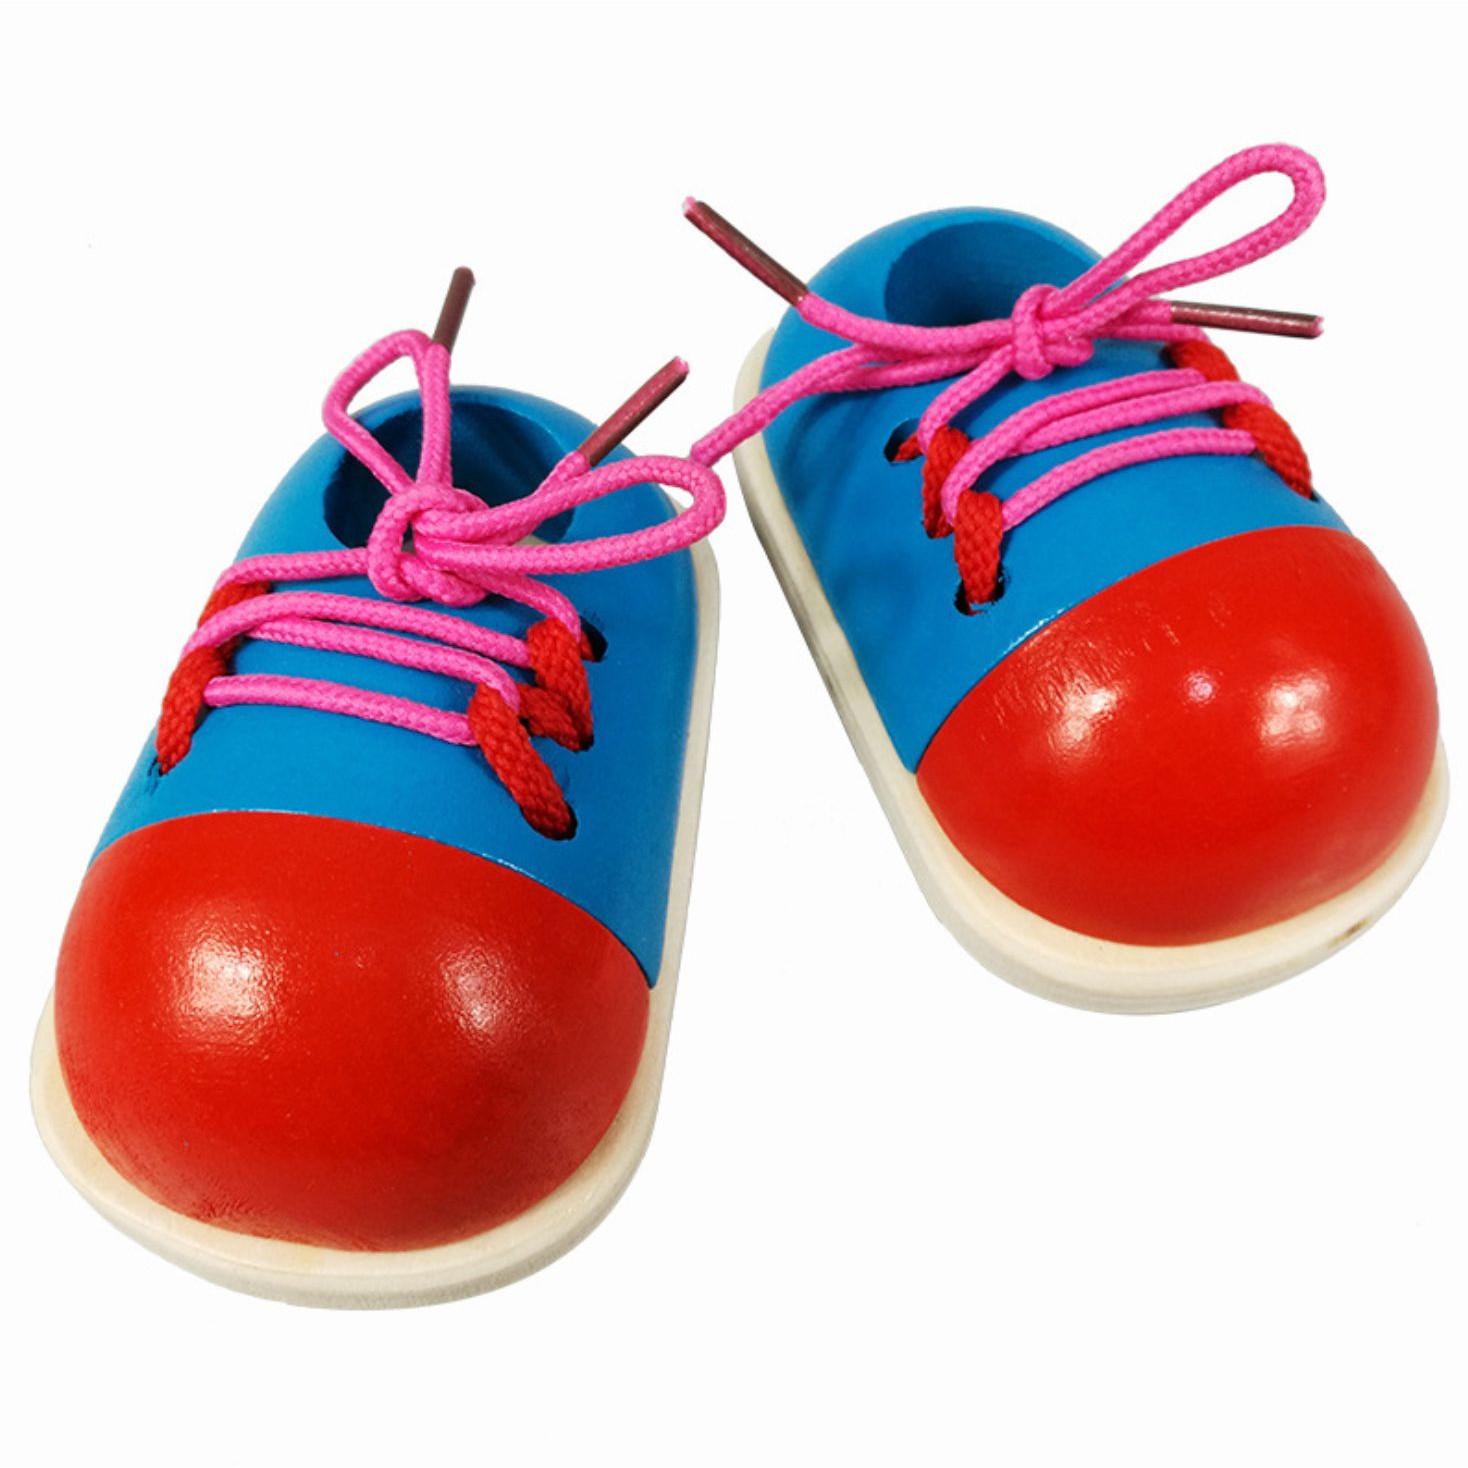 Đồ chơi giày gỗ giúp trẻ em học kỹ năng buộc dây giày thực tế